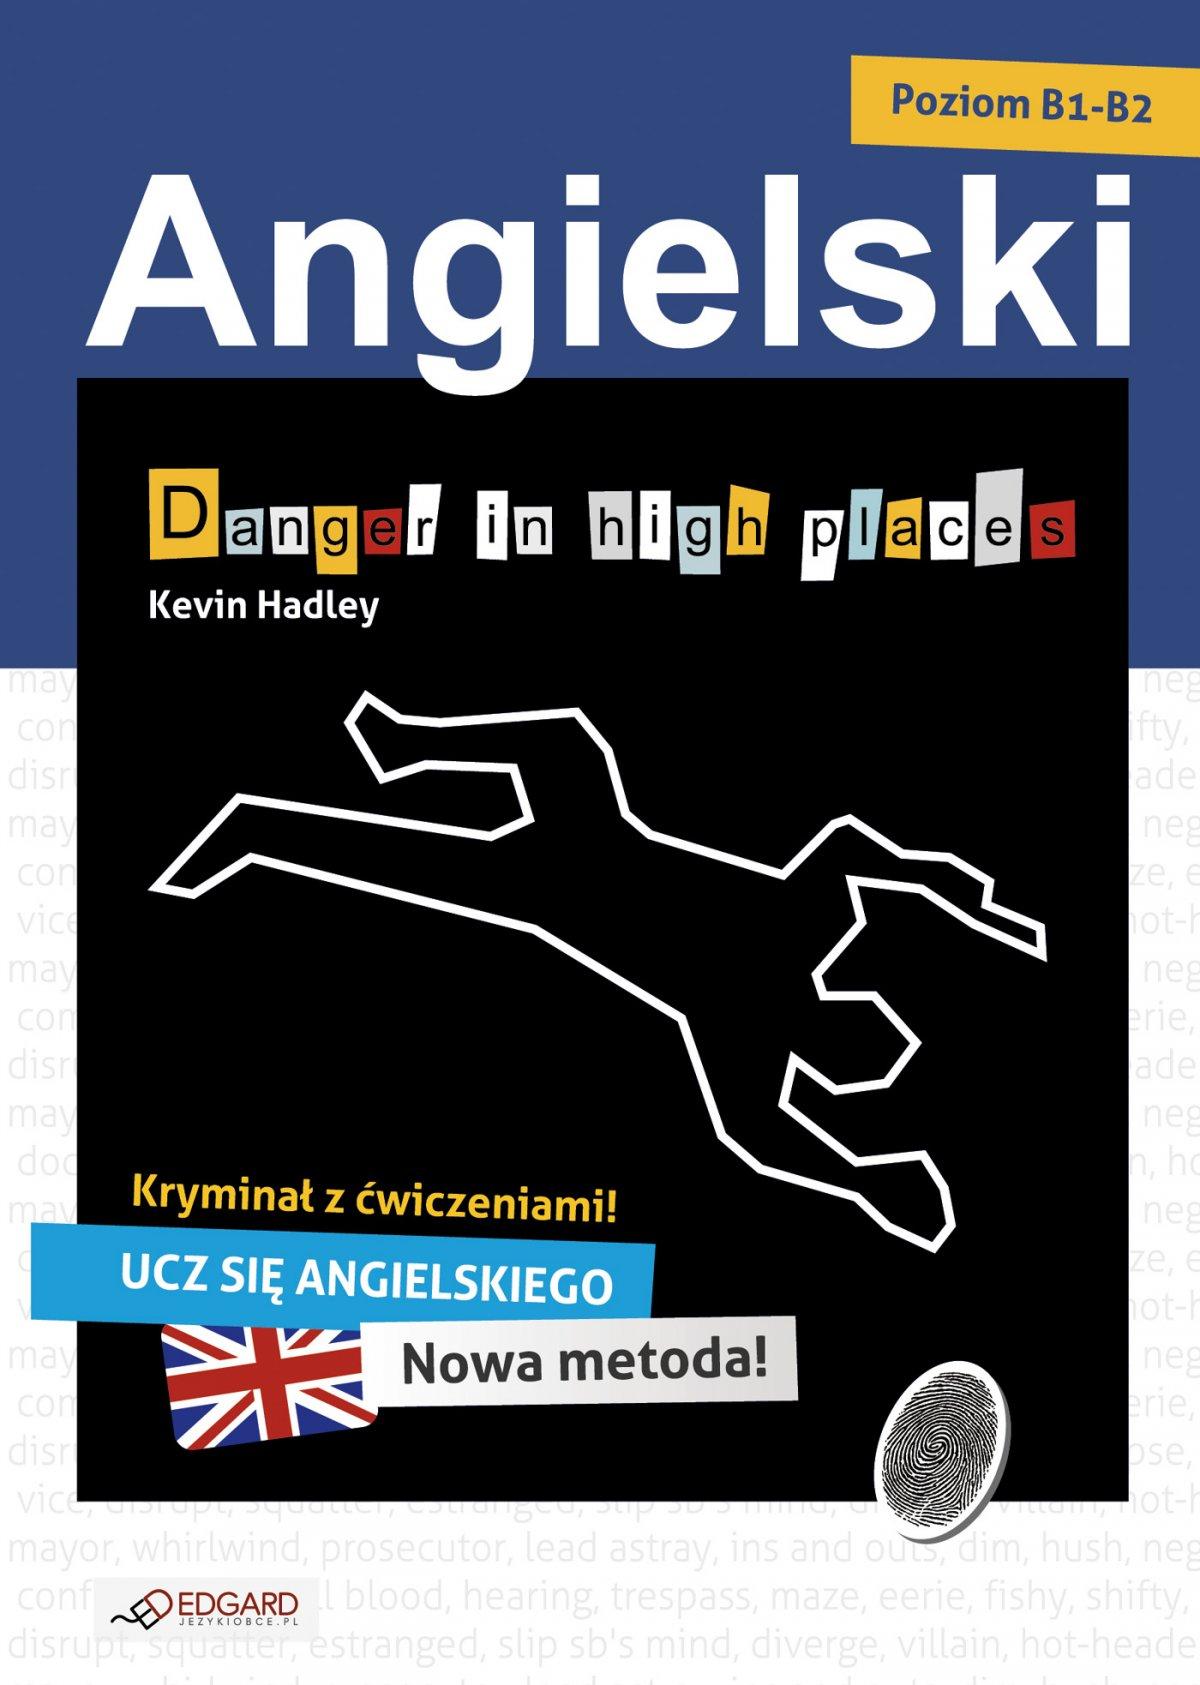 Danger in high places. Angielski kryminał z ćwiczeniami - Ebook (Książka EPUB) do pobrania w formacie EPUB